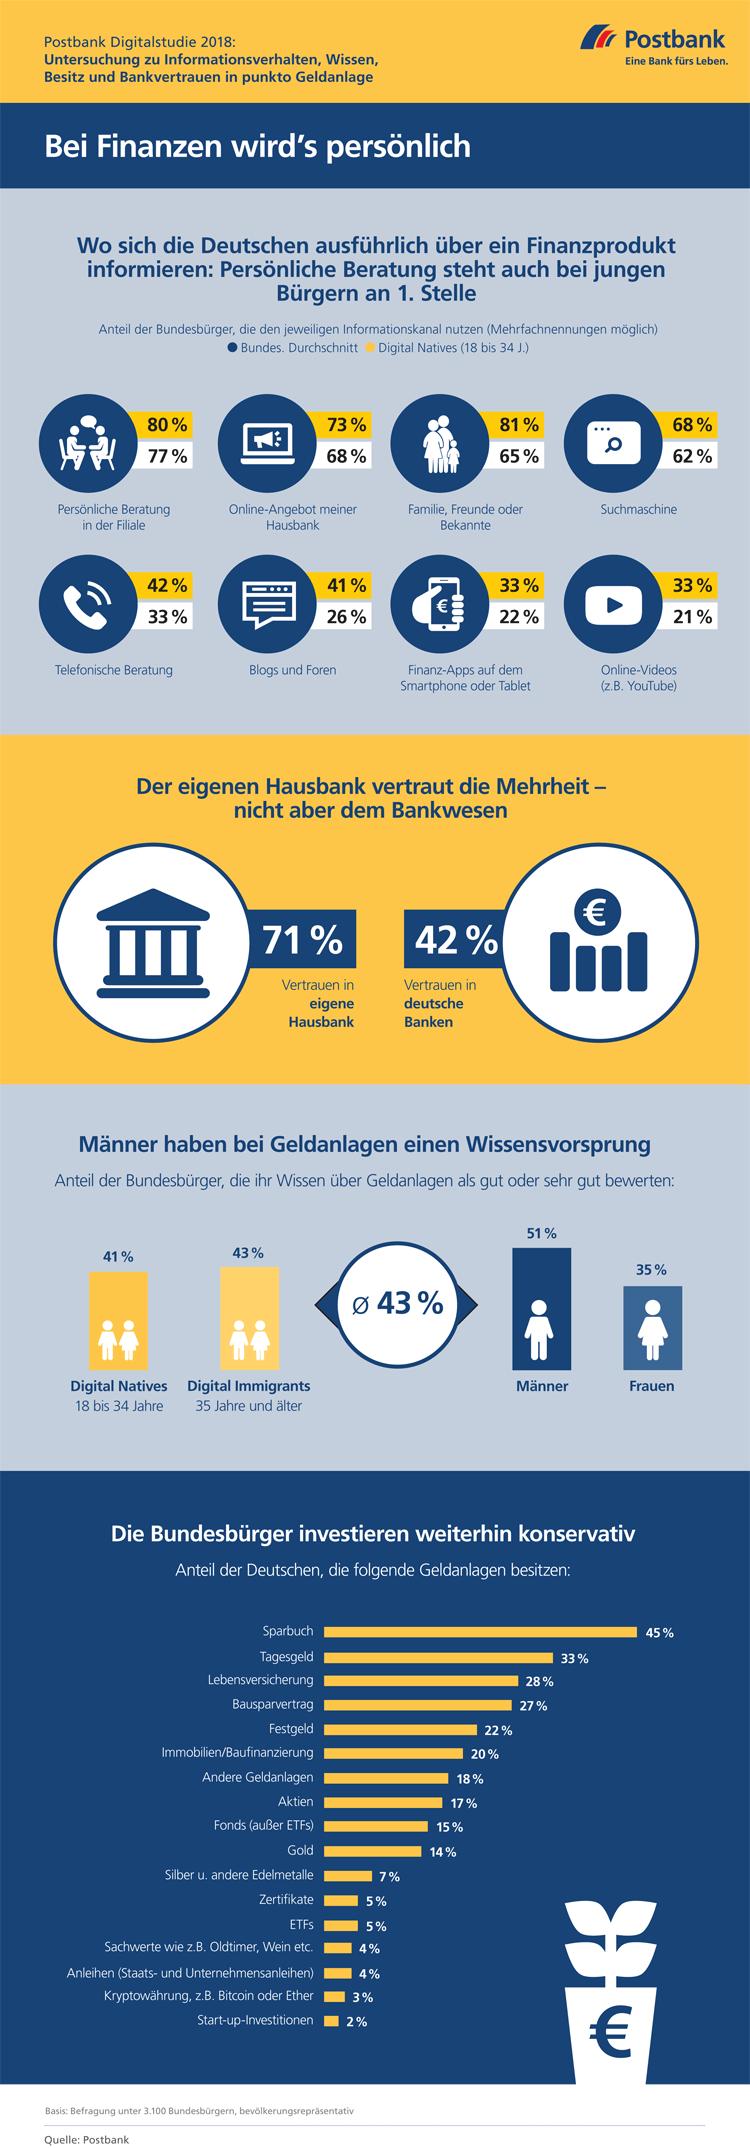 Infografik: Deutsche bevorzugen bei Finanzen persönliche Beratung